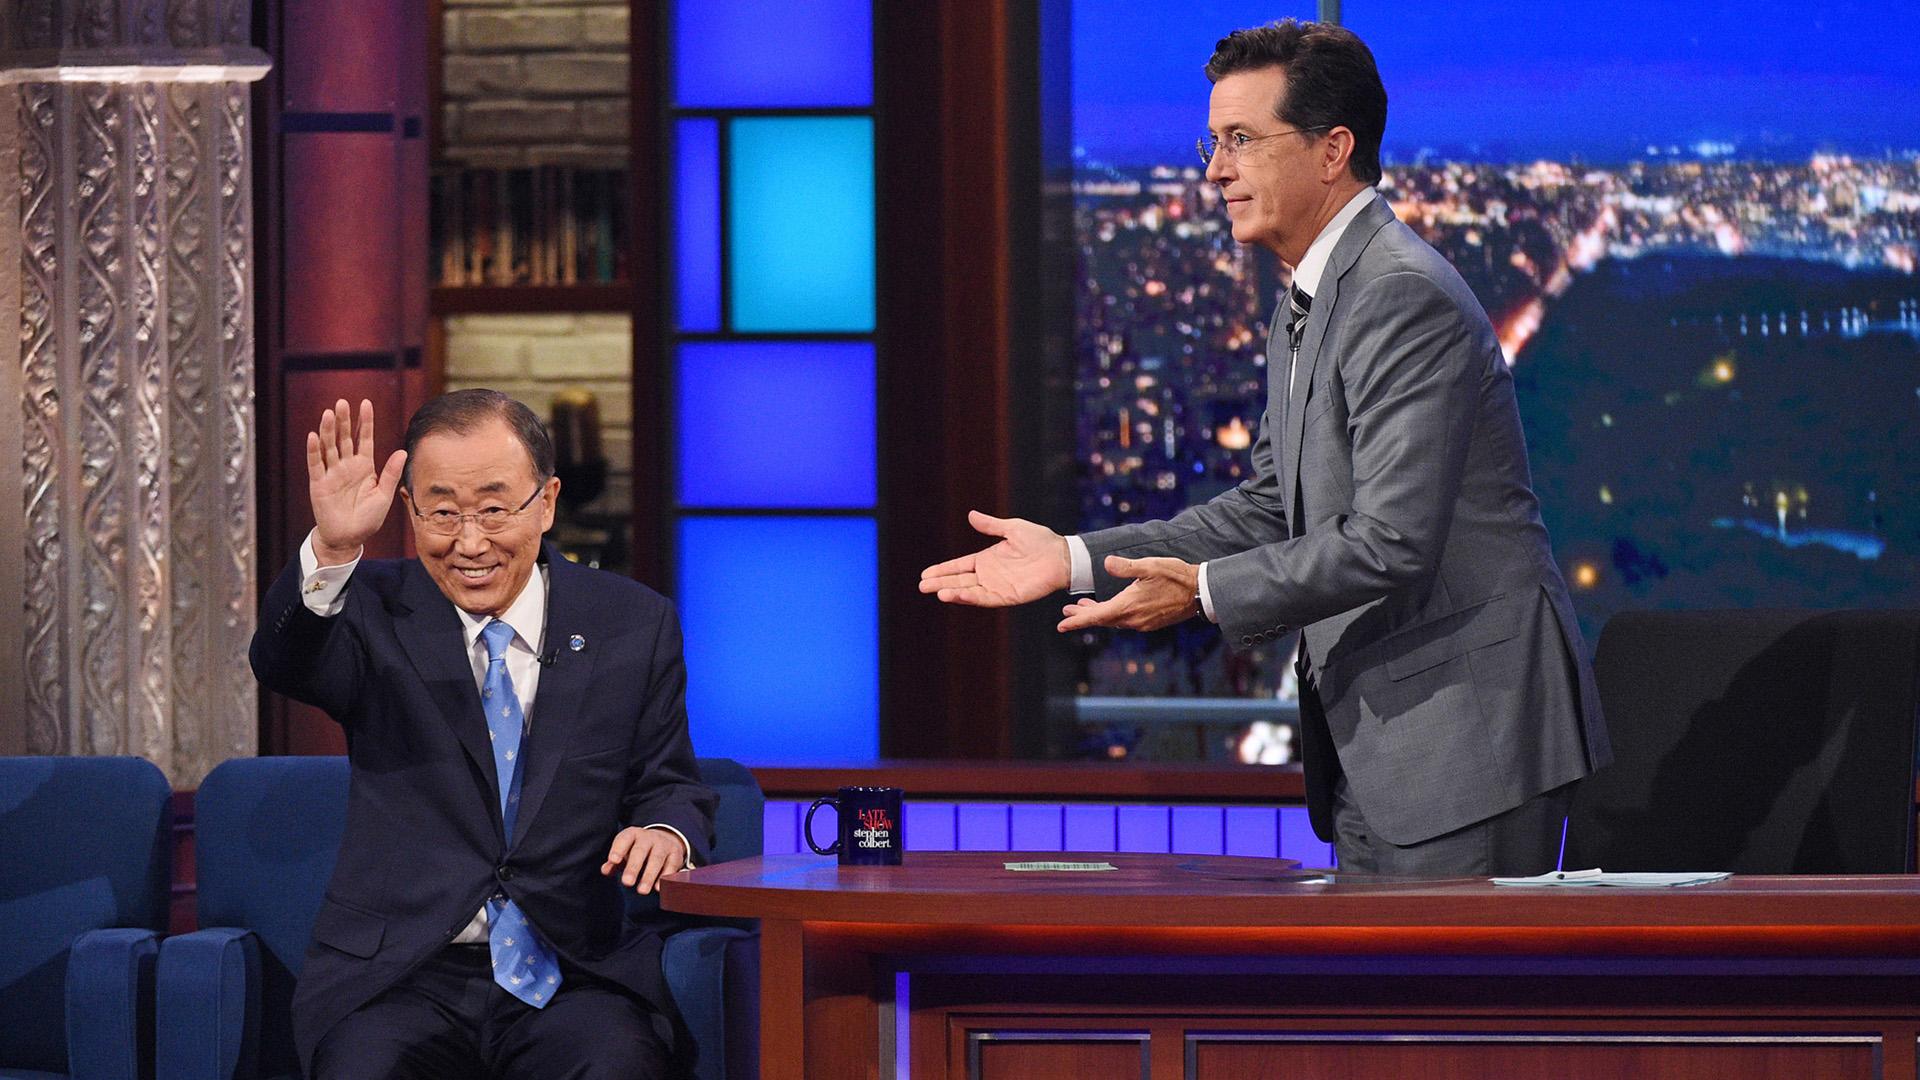 Ban Ki-moon and Stephen Colbert